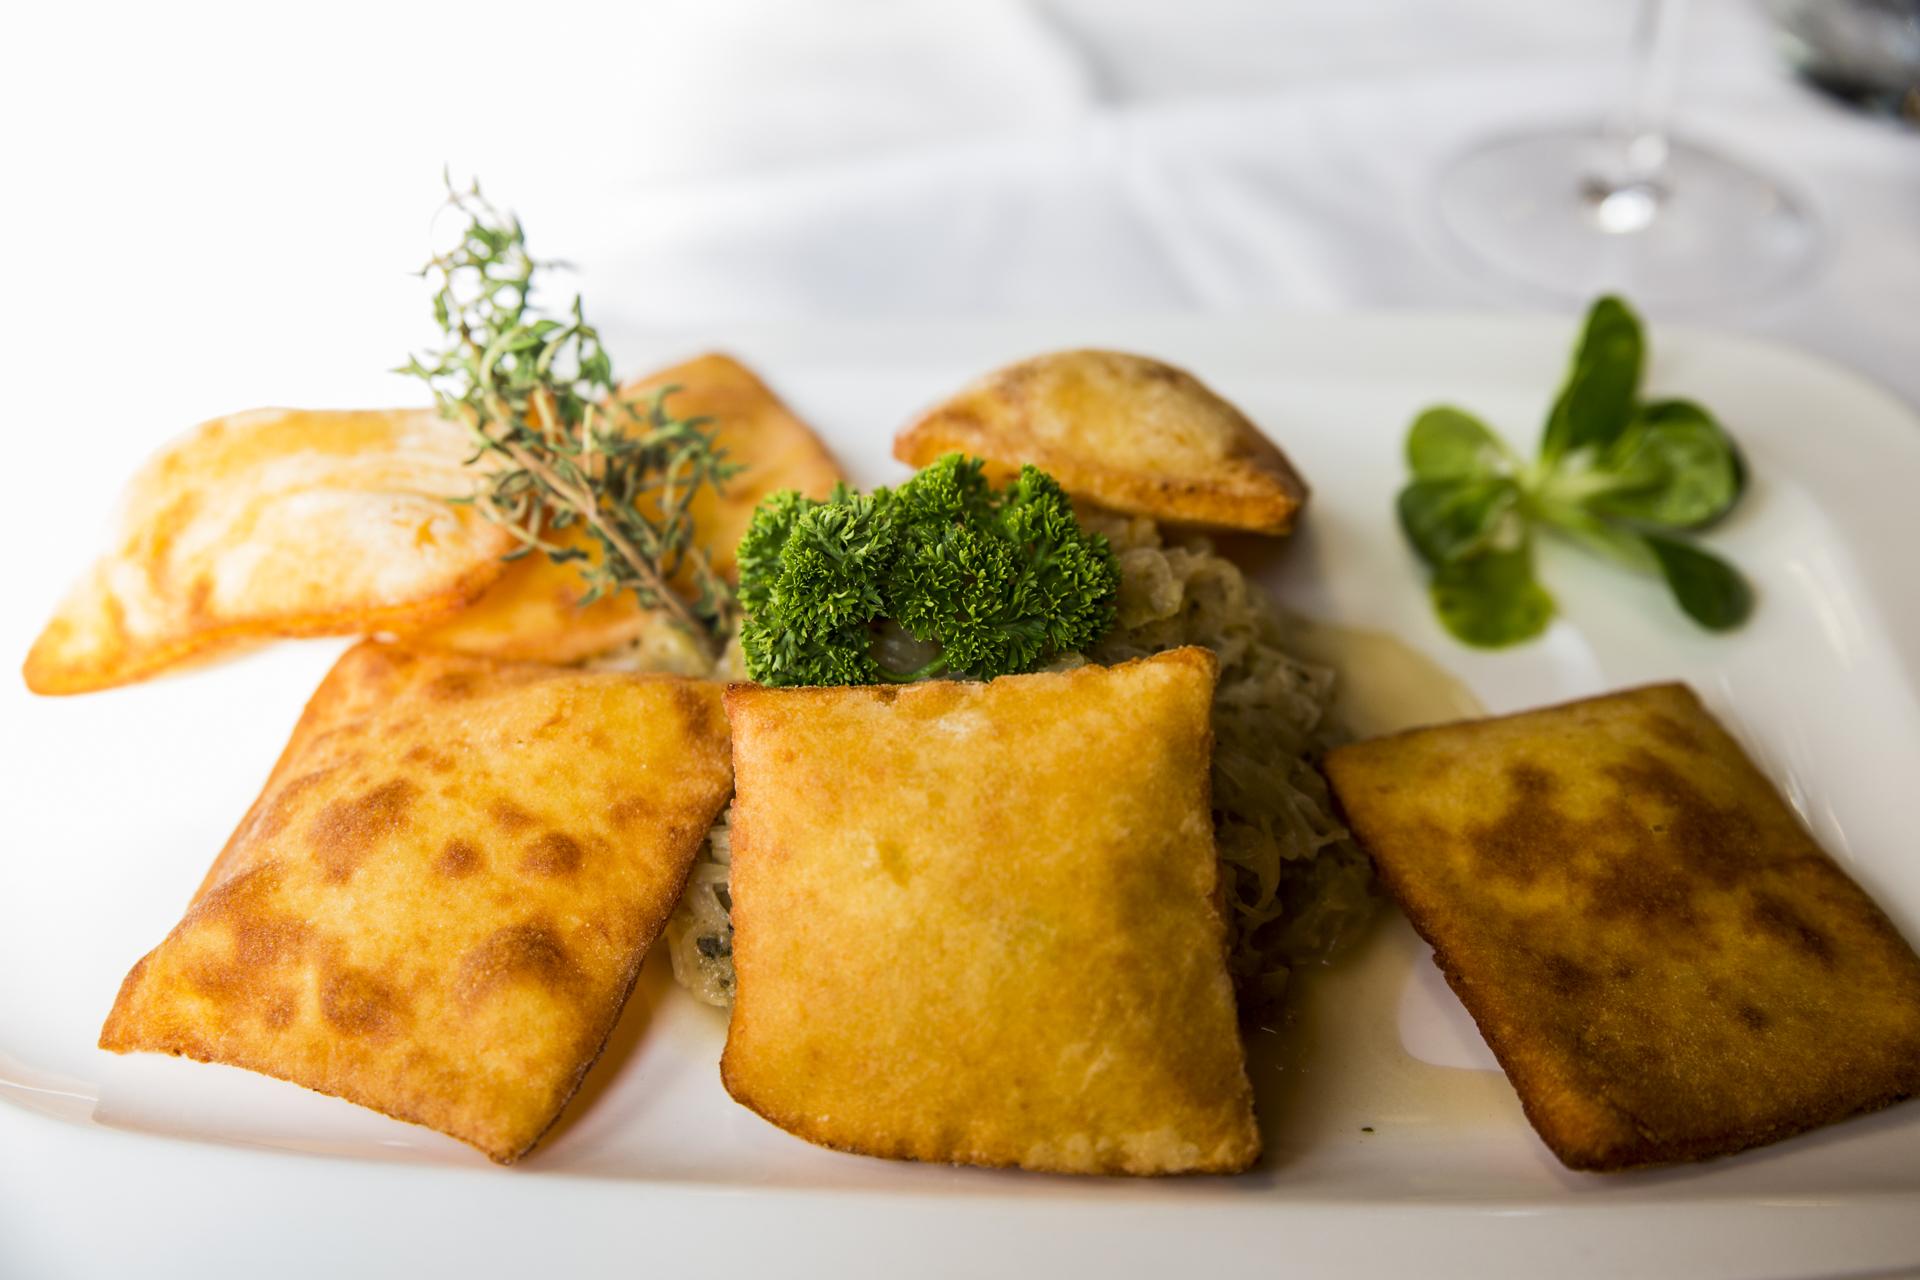 Kartoffelblattln mit Sauerkraut: Winterliche Schmankerl zum Nachkochen